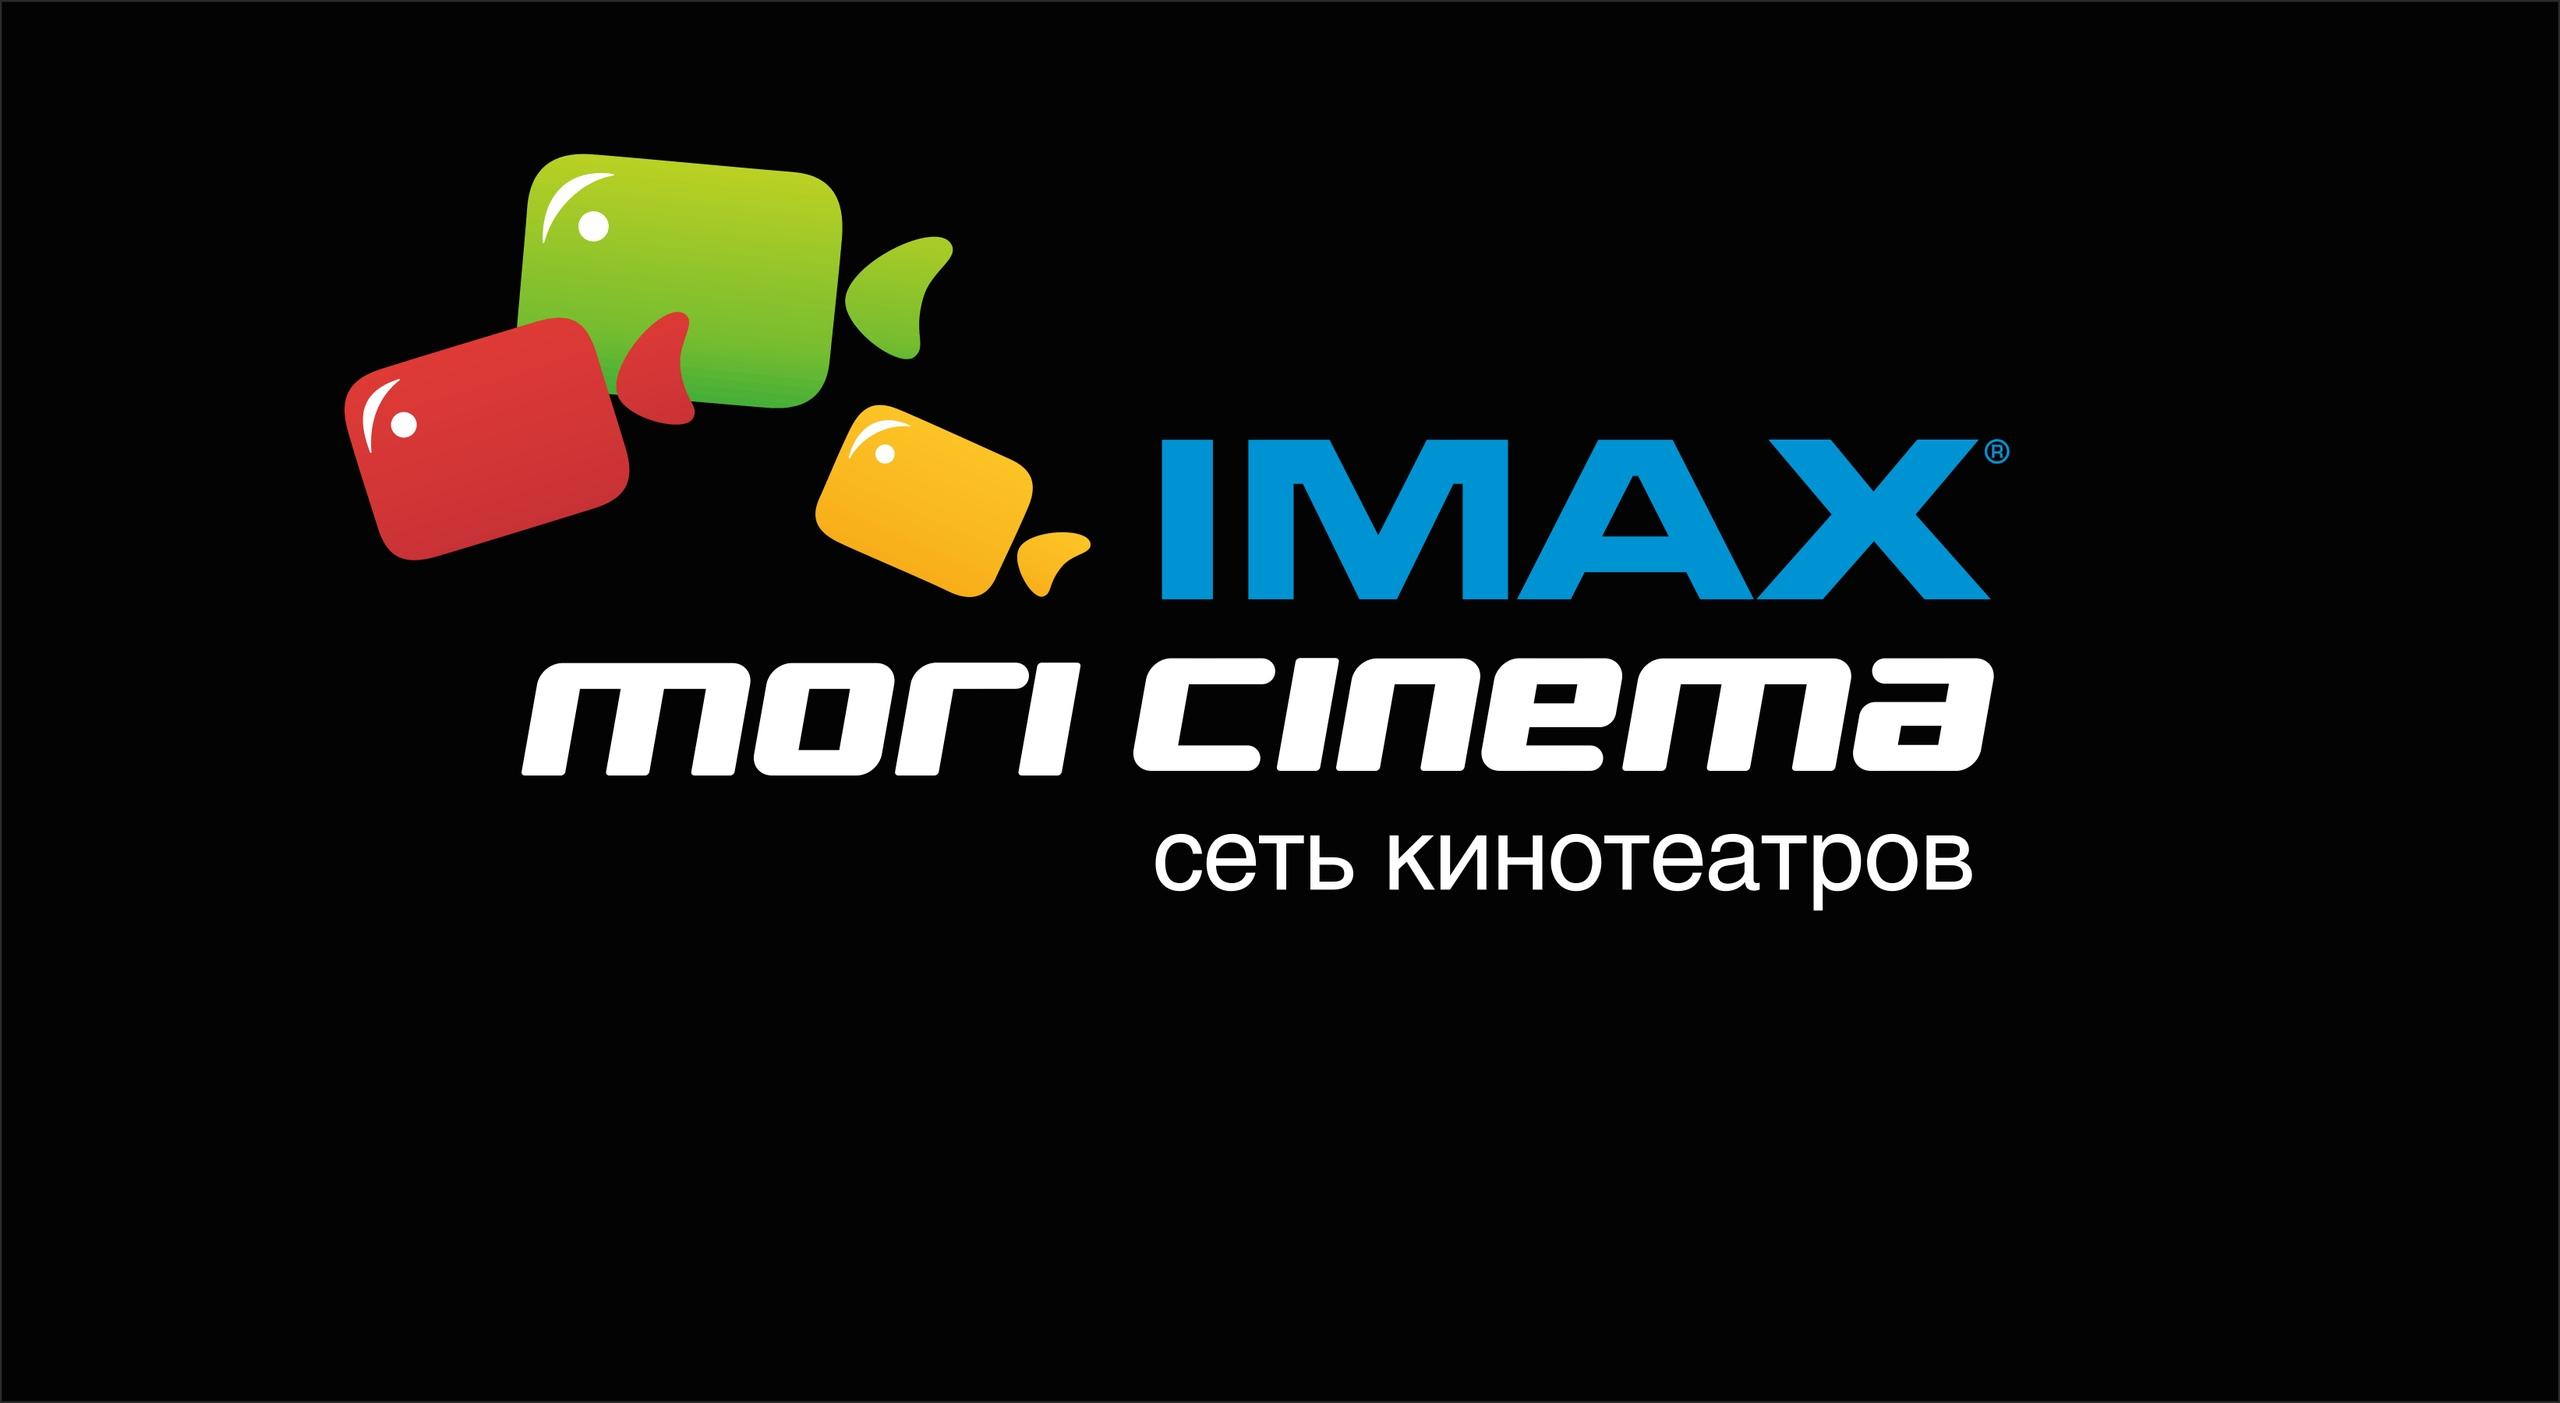 В MORI CINEMA фильмы с субтитрами и разливной безлимит на напитки!